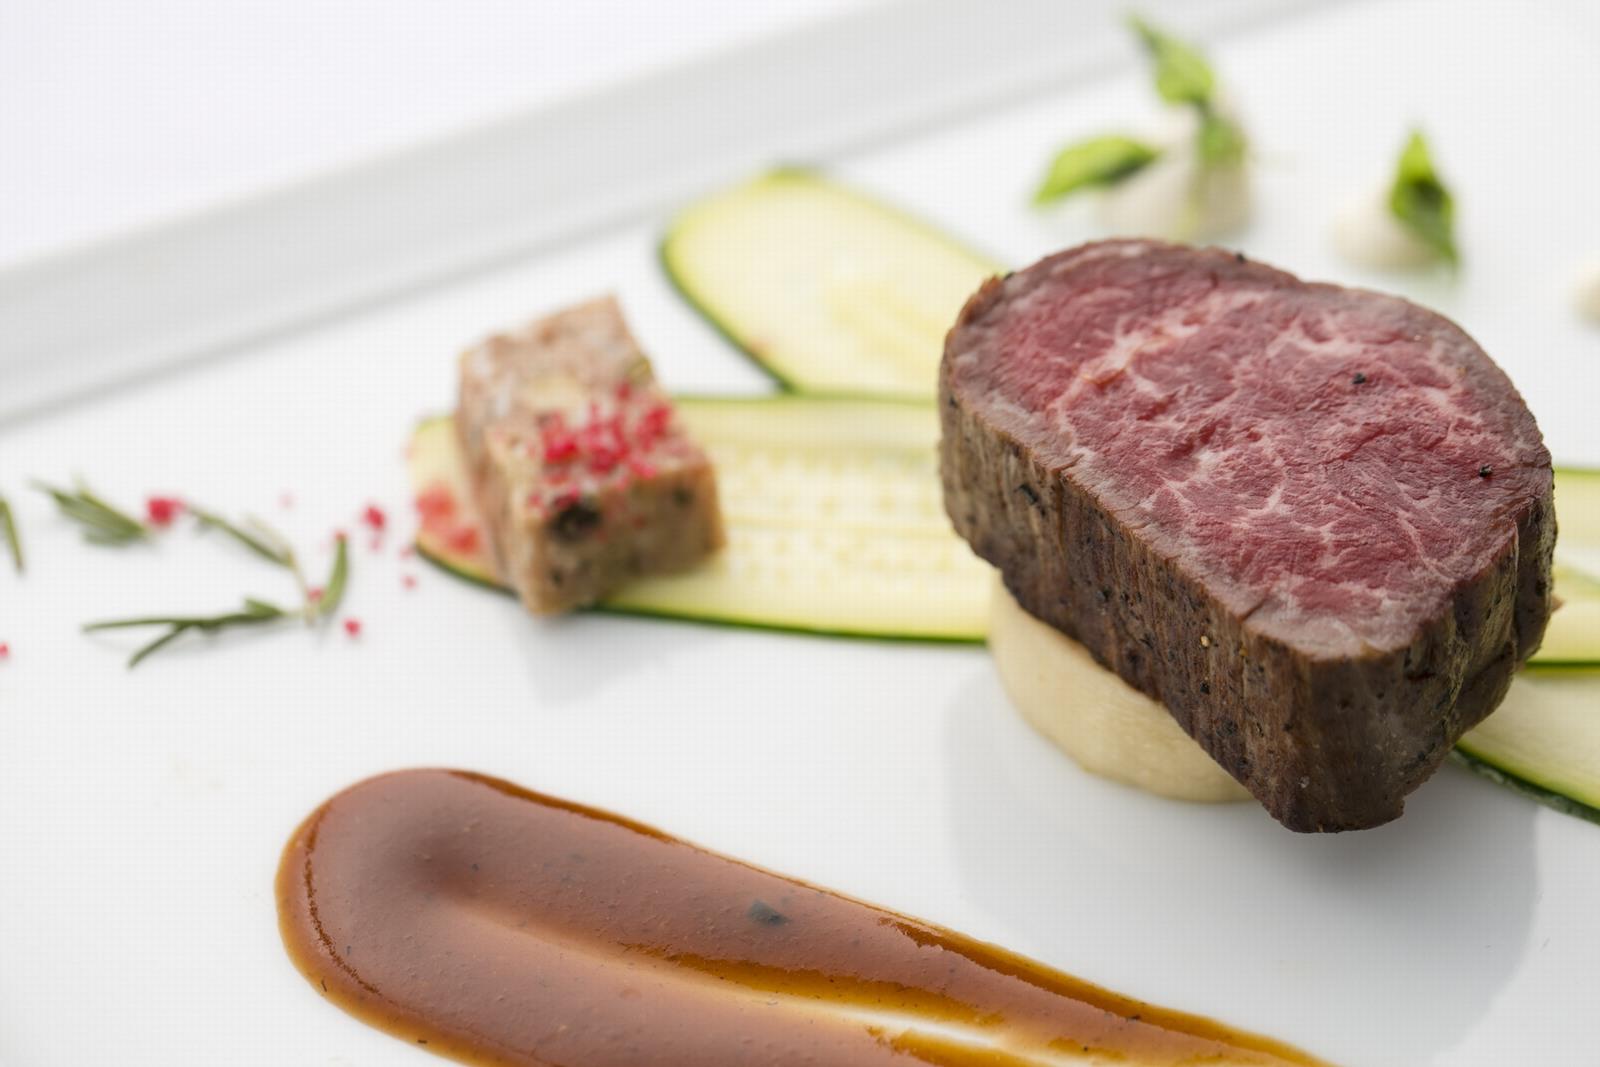 香川県の結婚式場シェルエメールのお肉料理